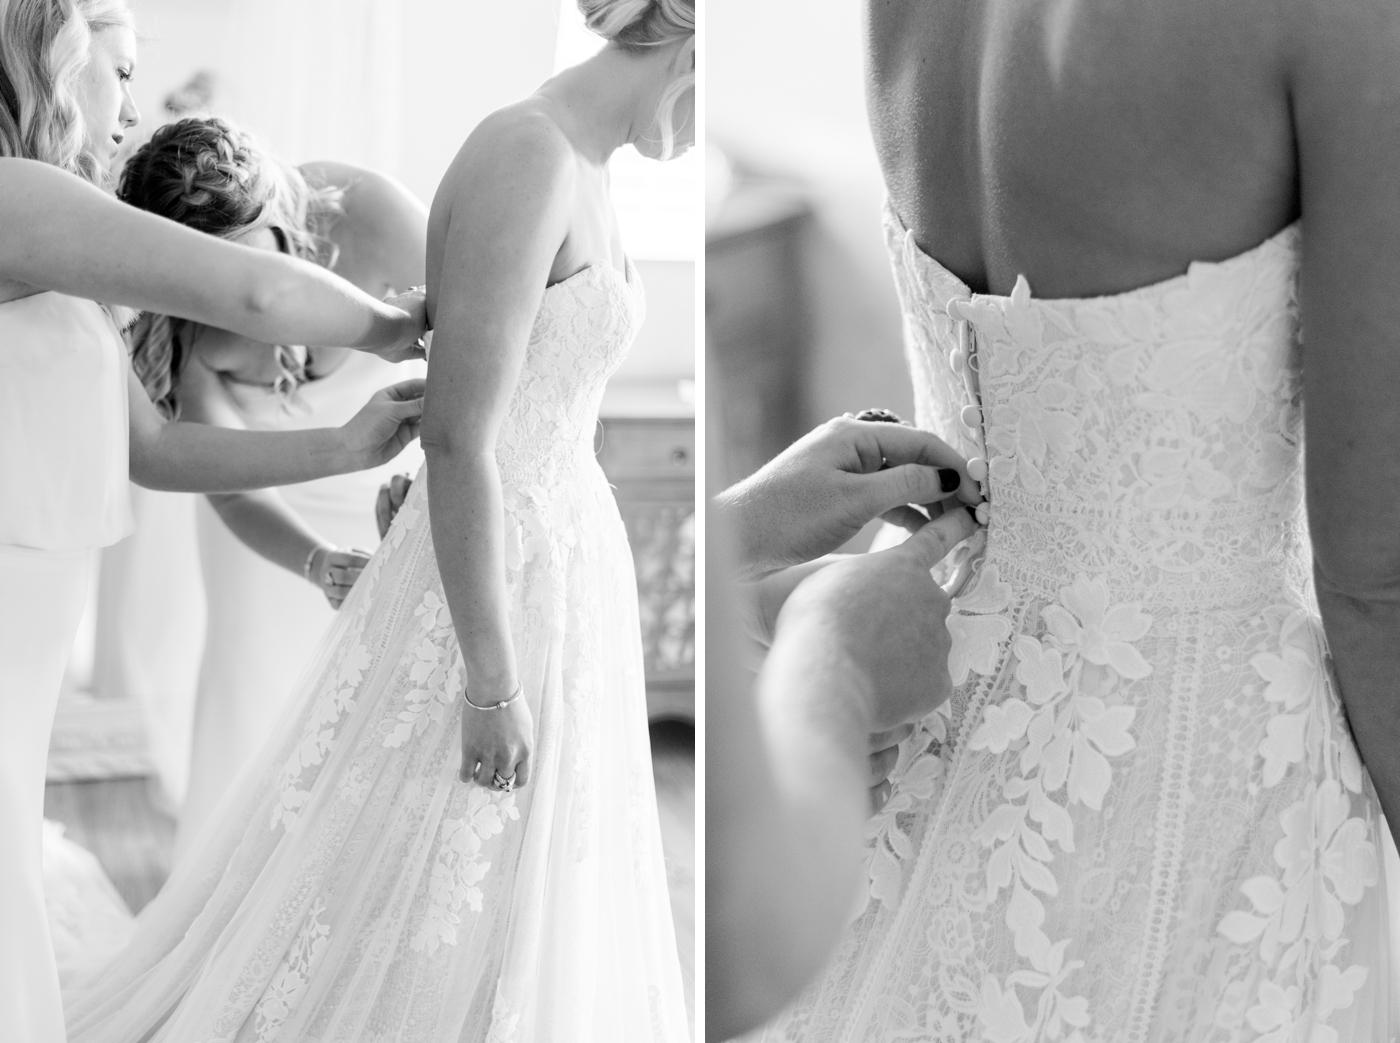 Vero Beach Bridal Gown